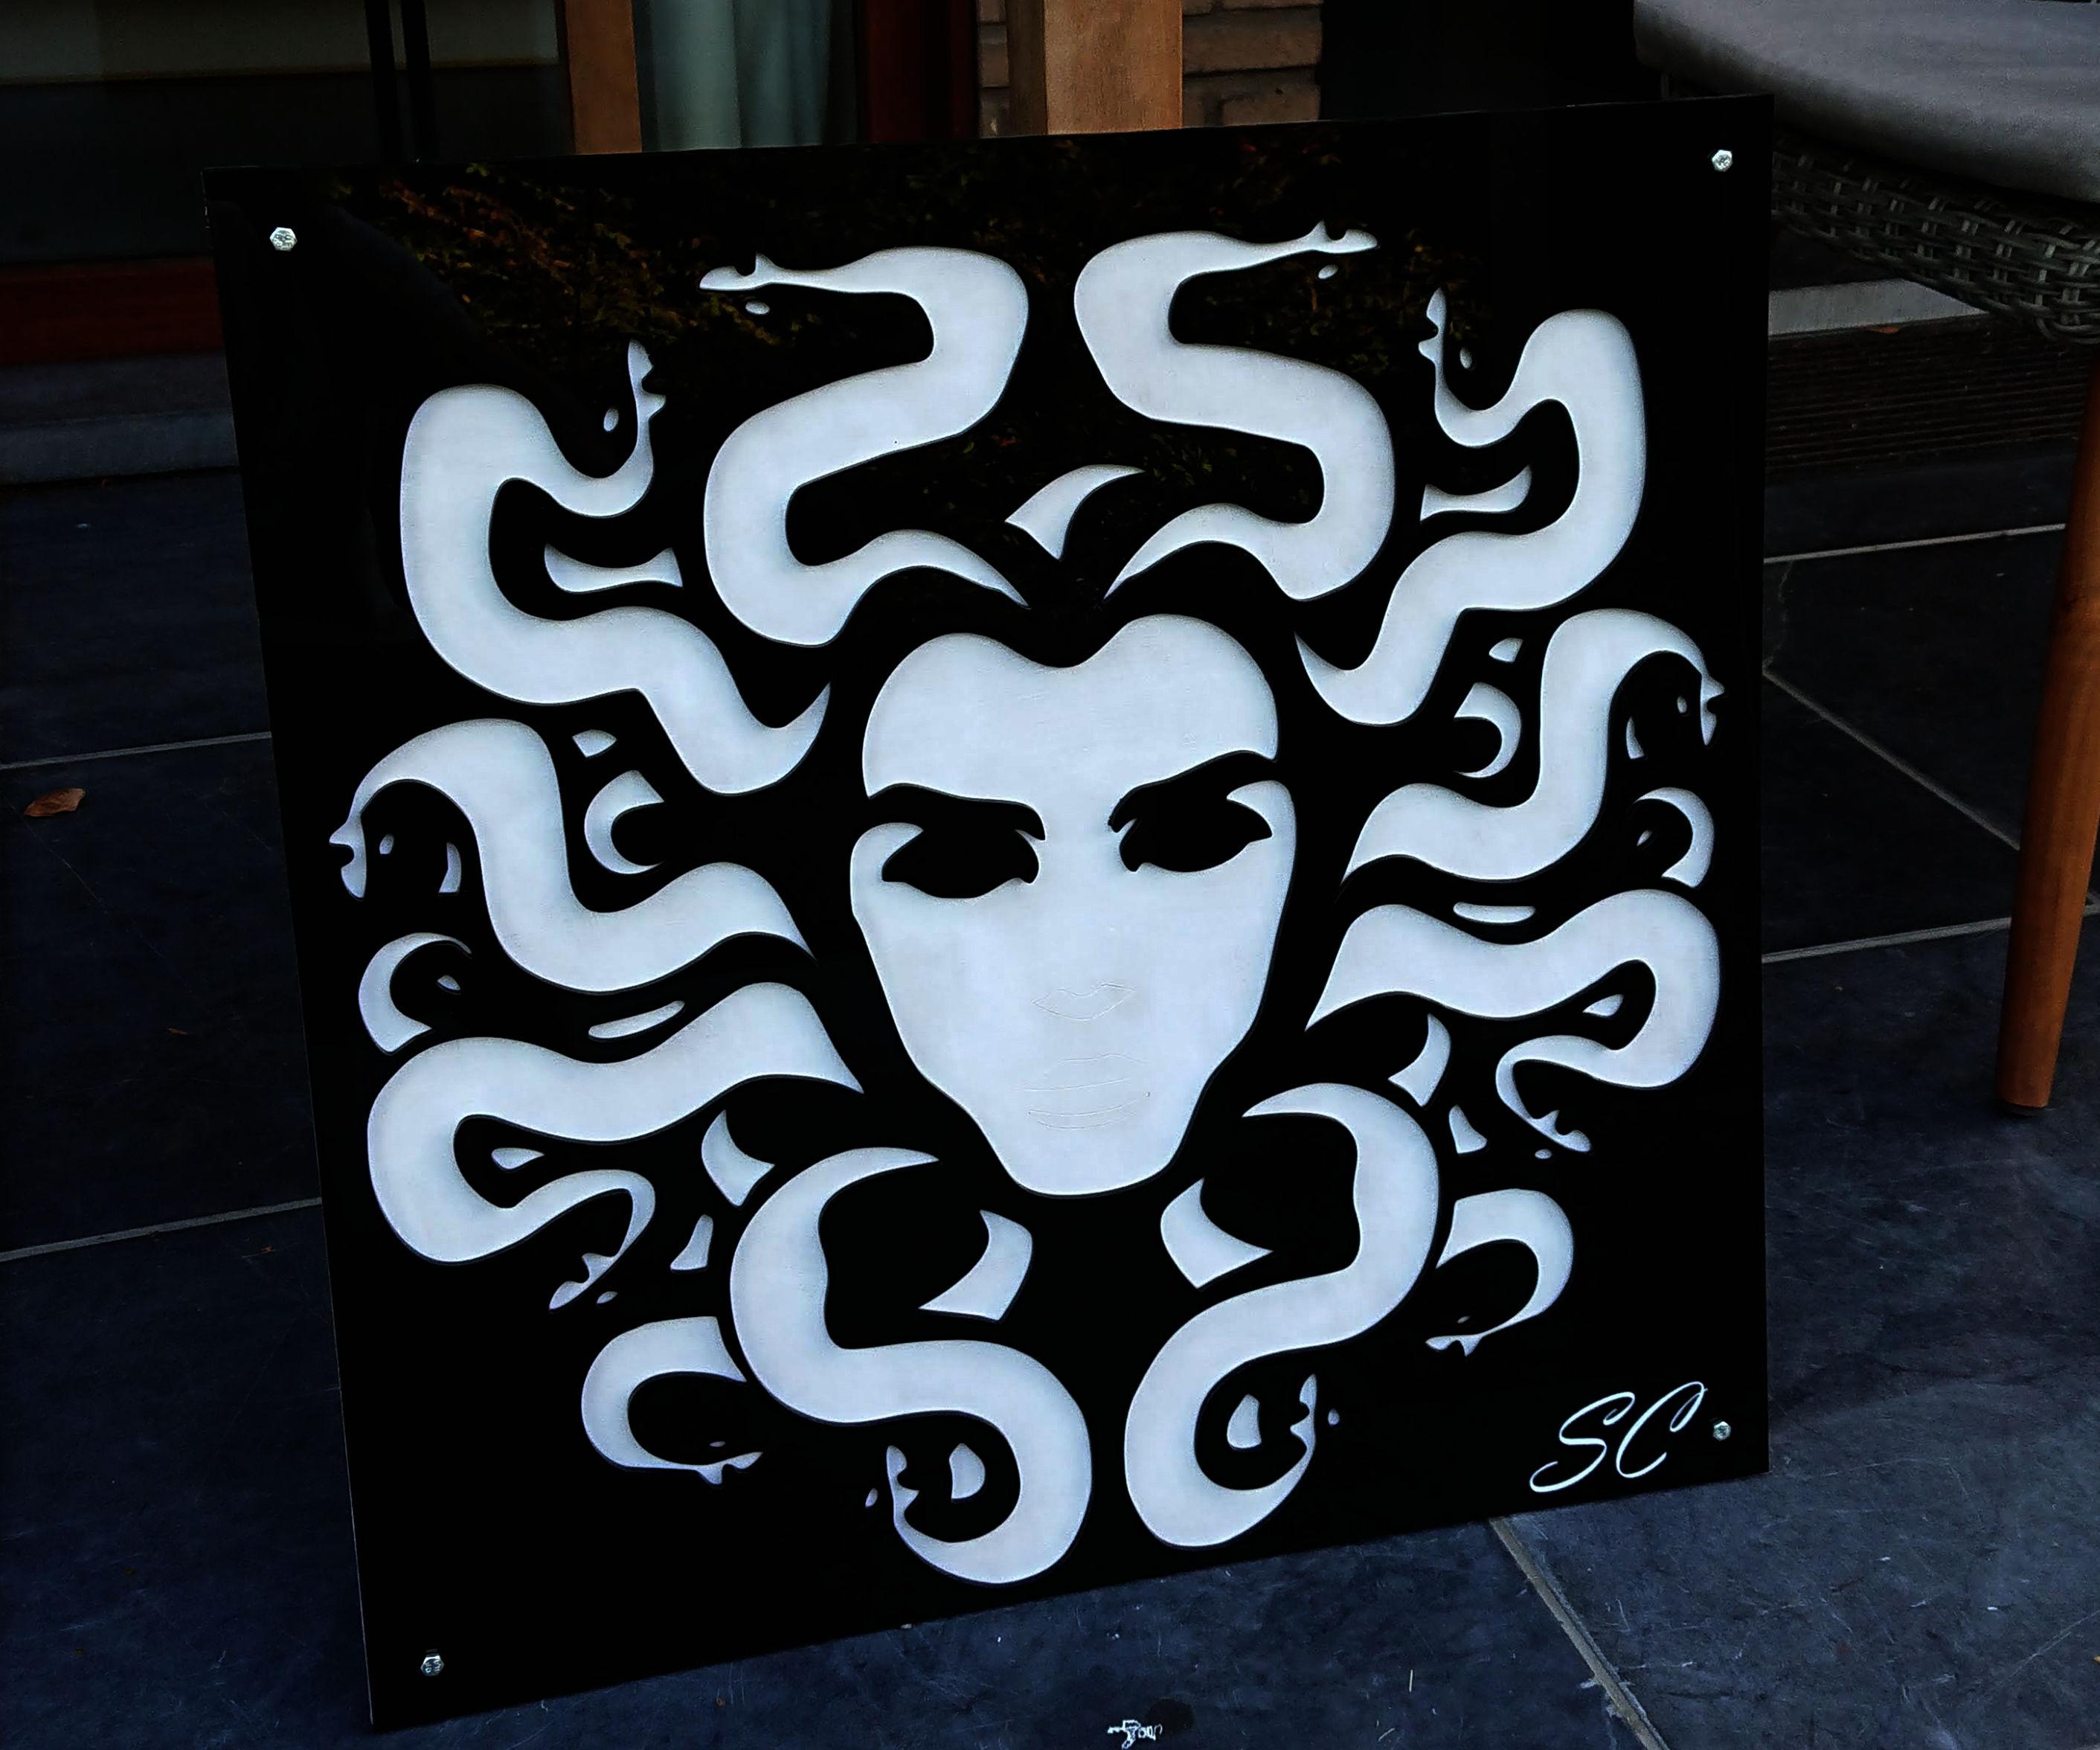 The Nespresso Medusa